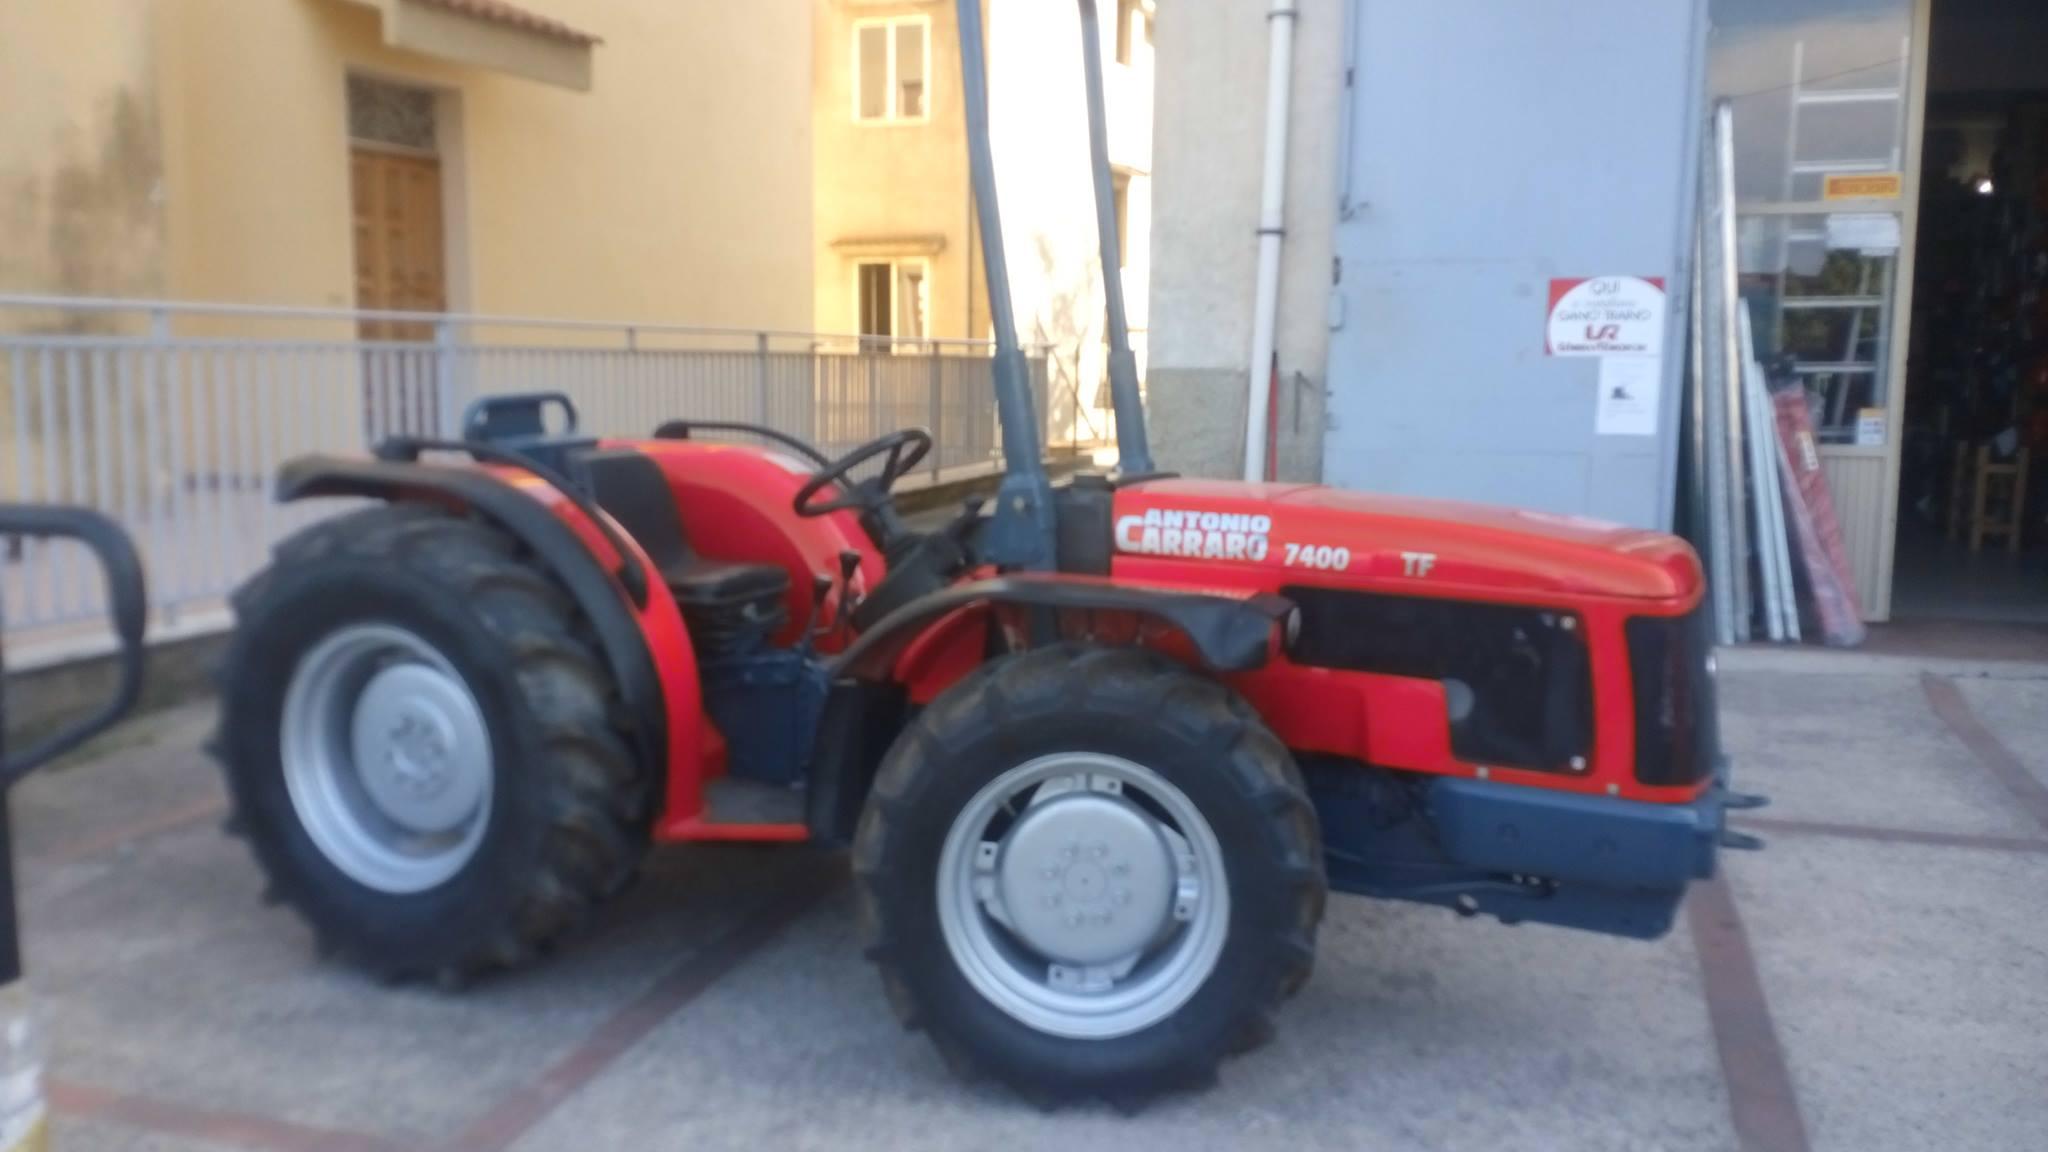 Vendita online macchine agricole e attrezzature per l for Trattori usati antonio carraro 7500